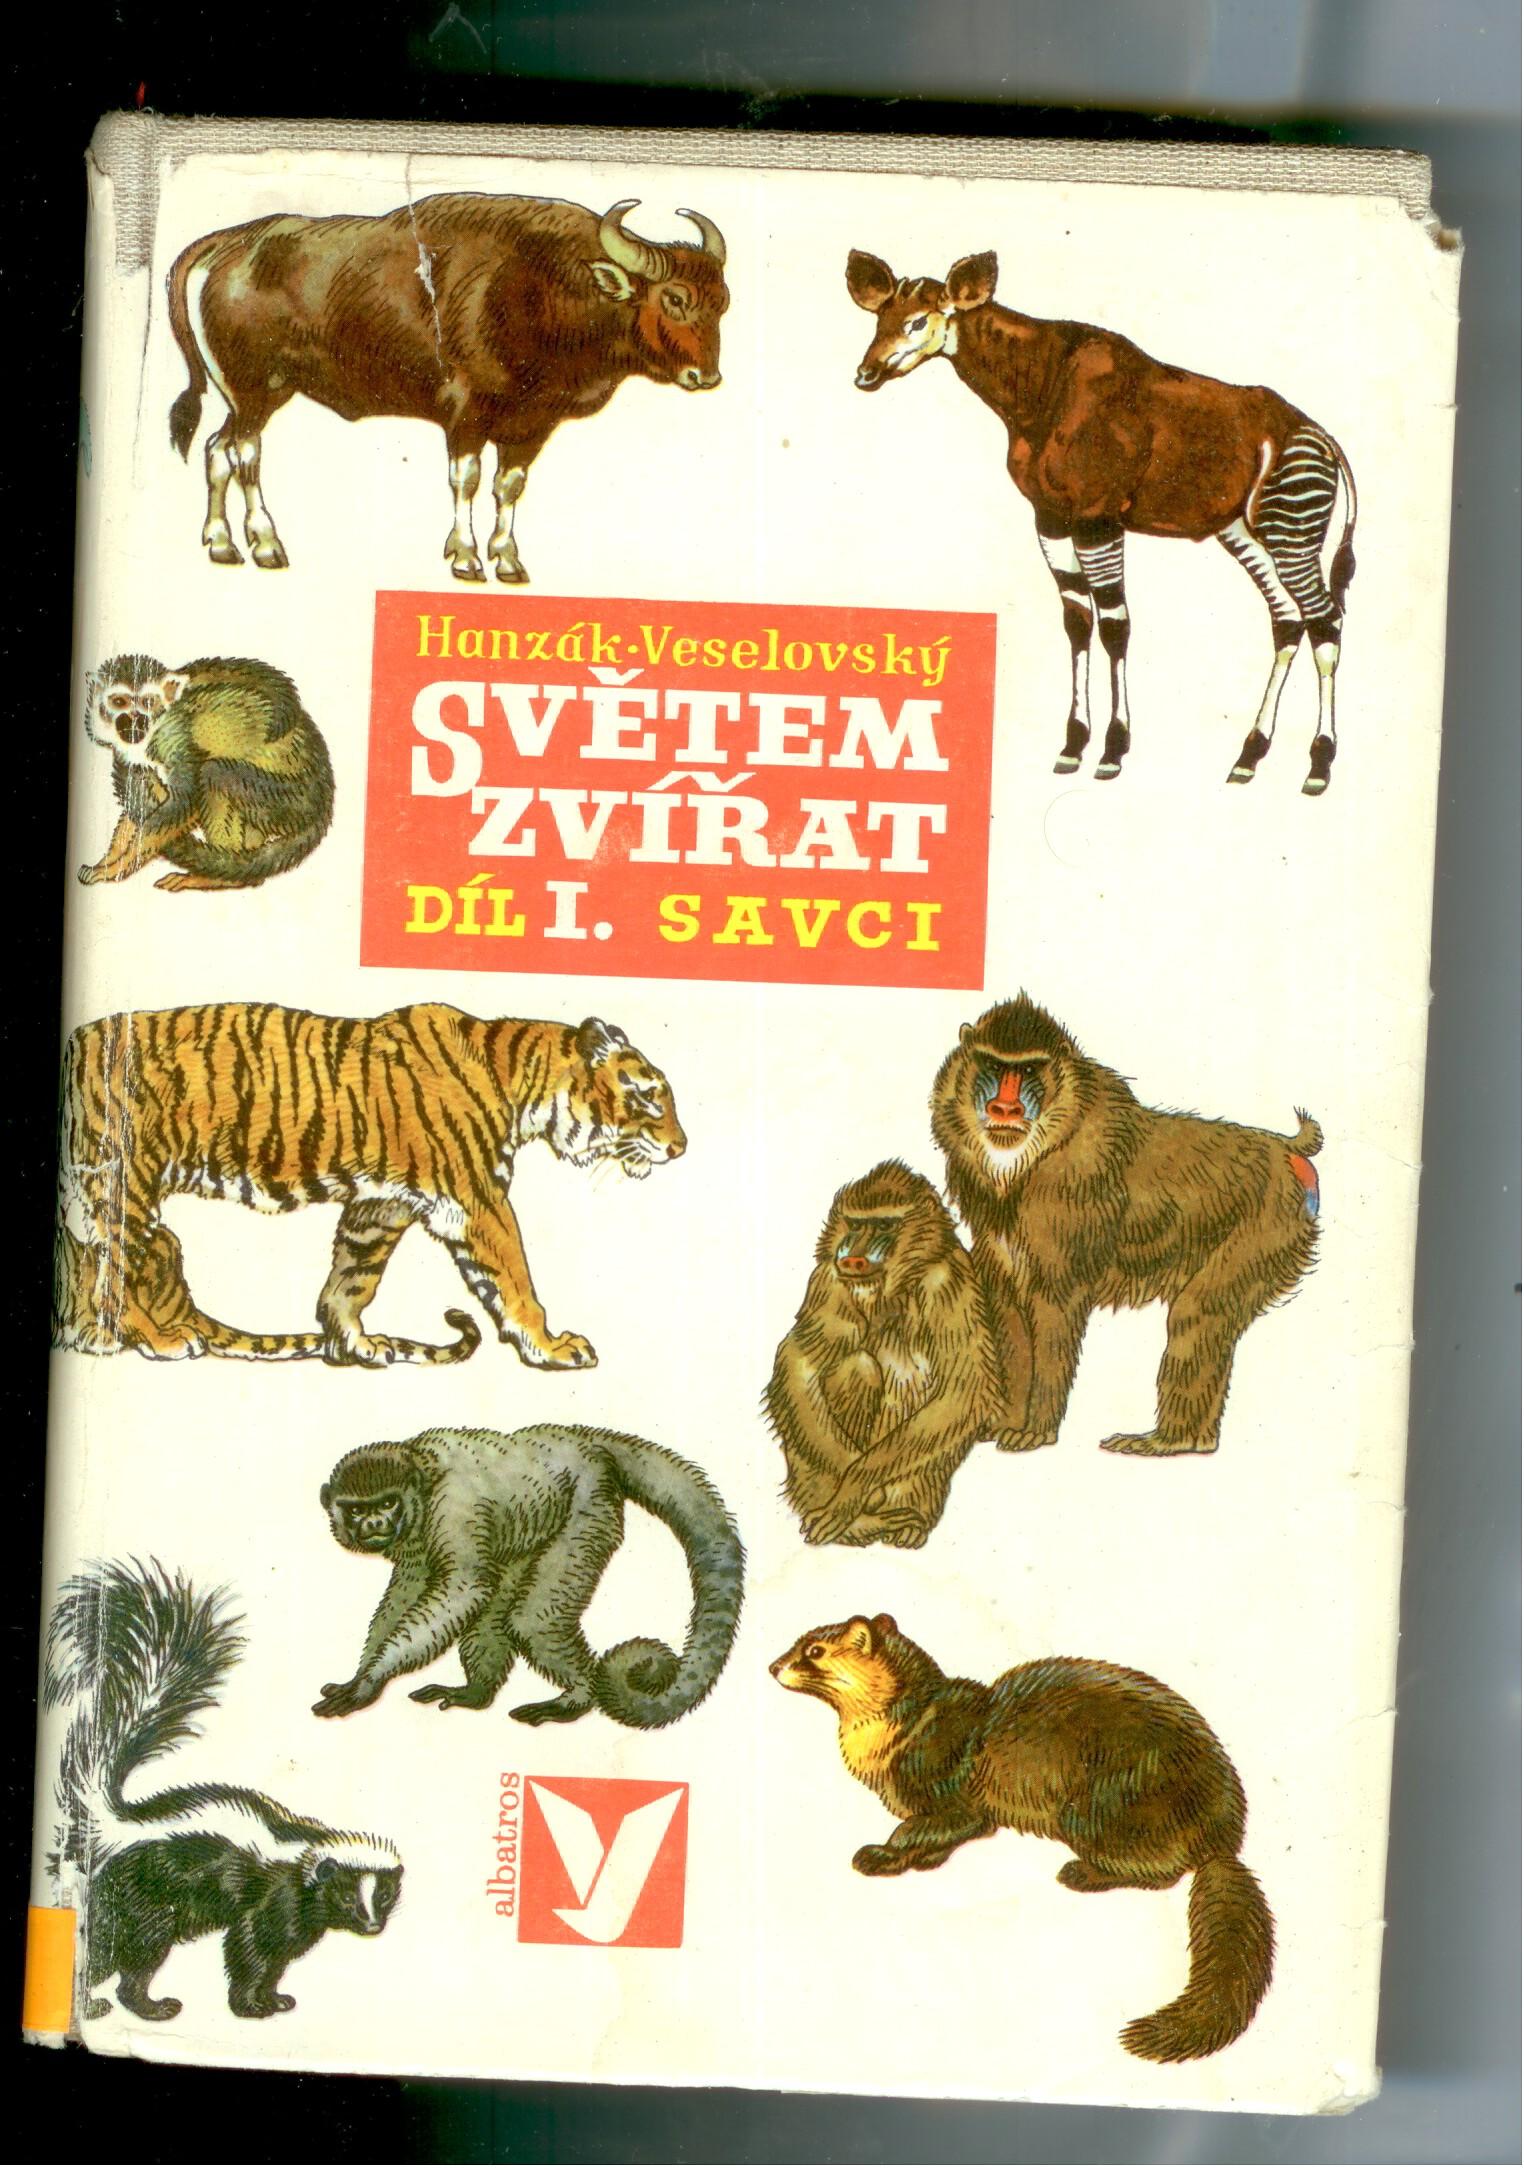 Světem zvířat - díl I. - Savci - Hanzák, Veselovský